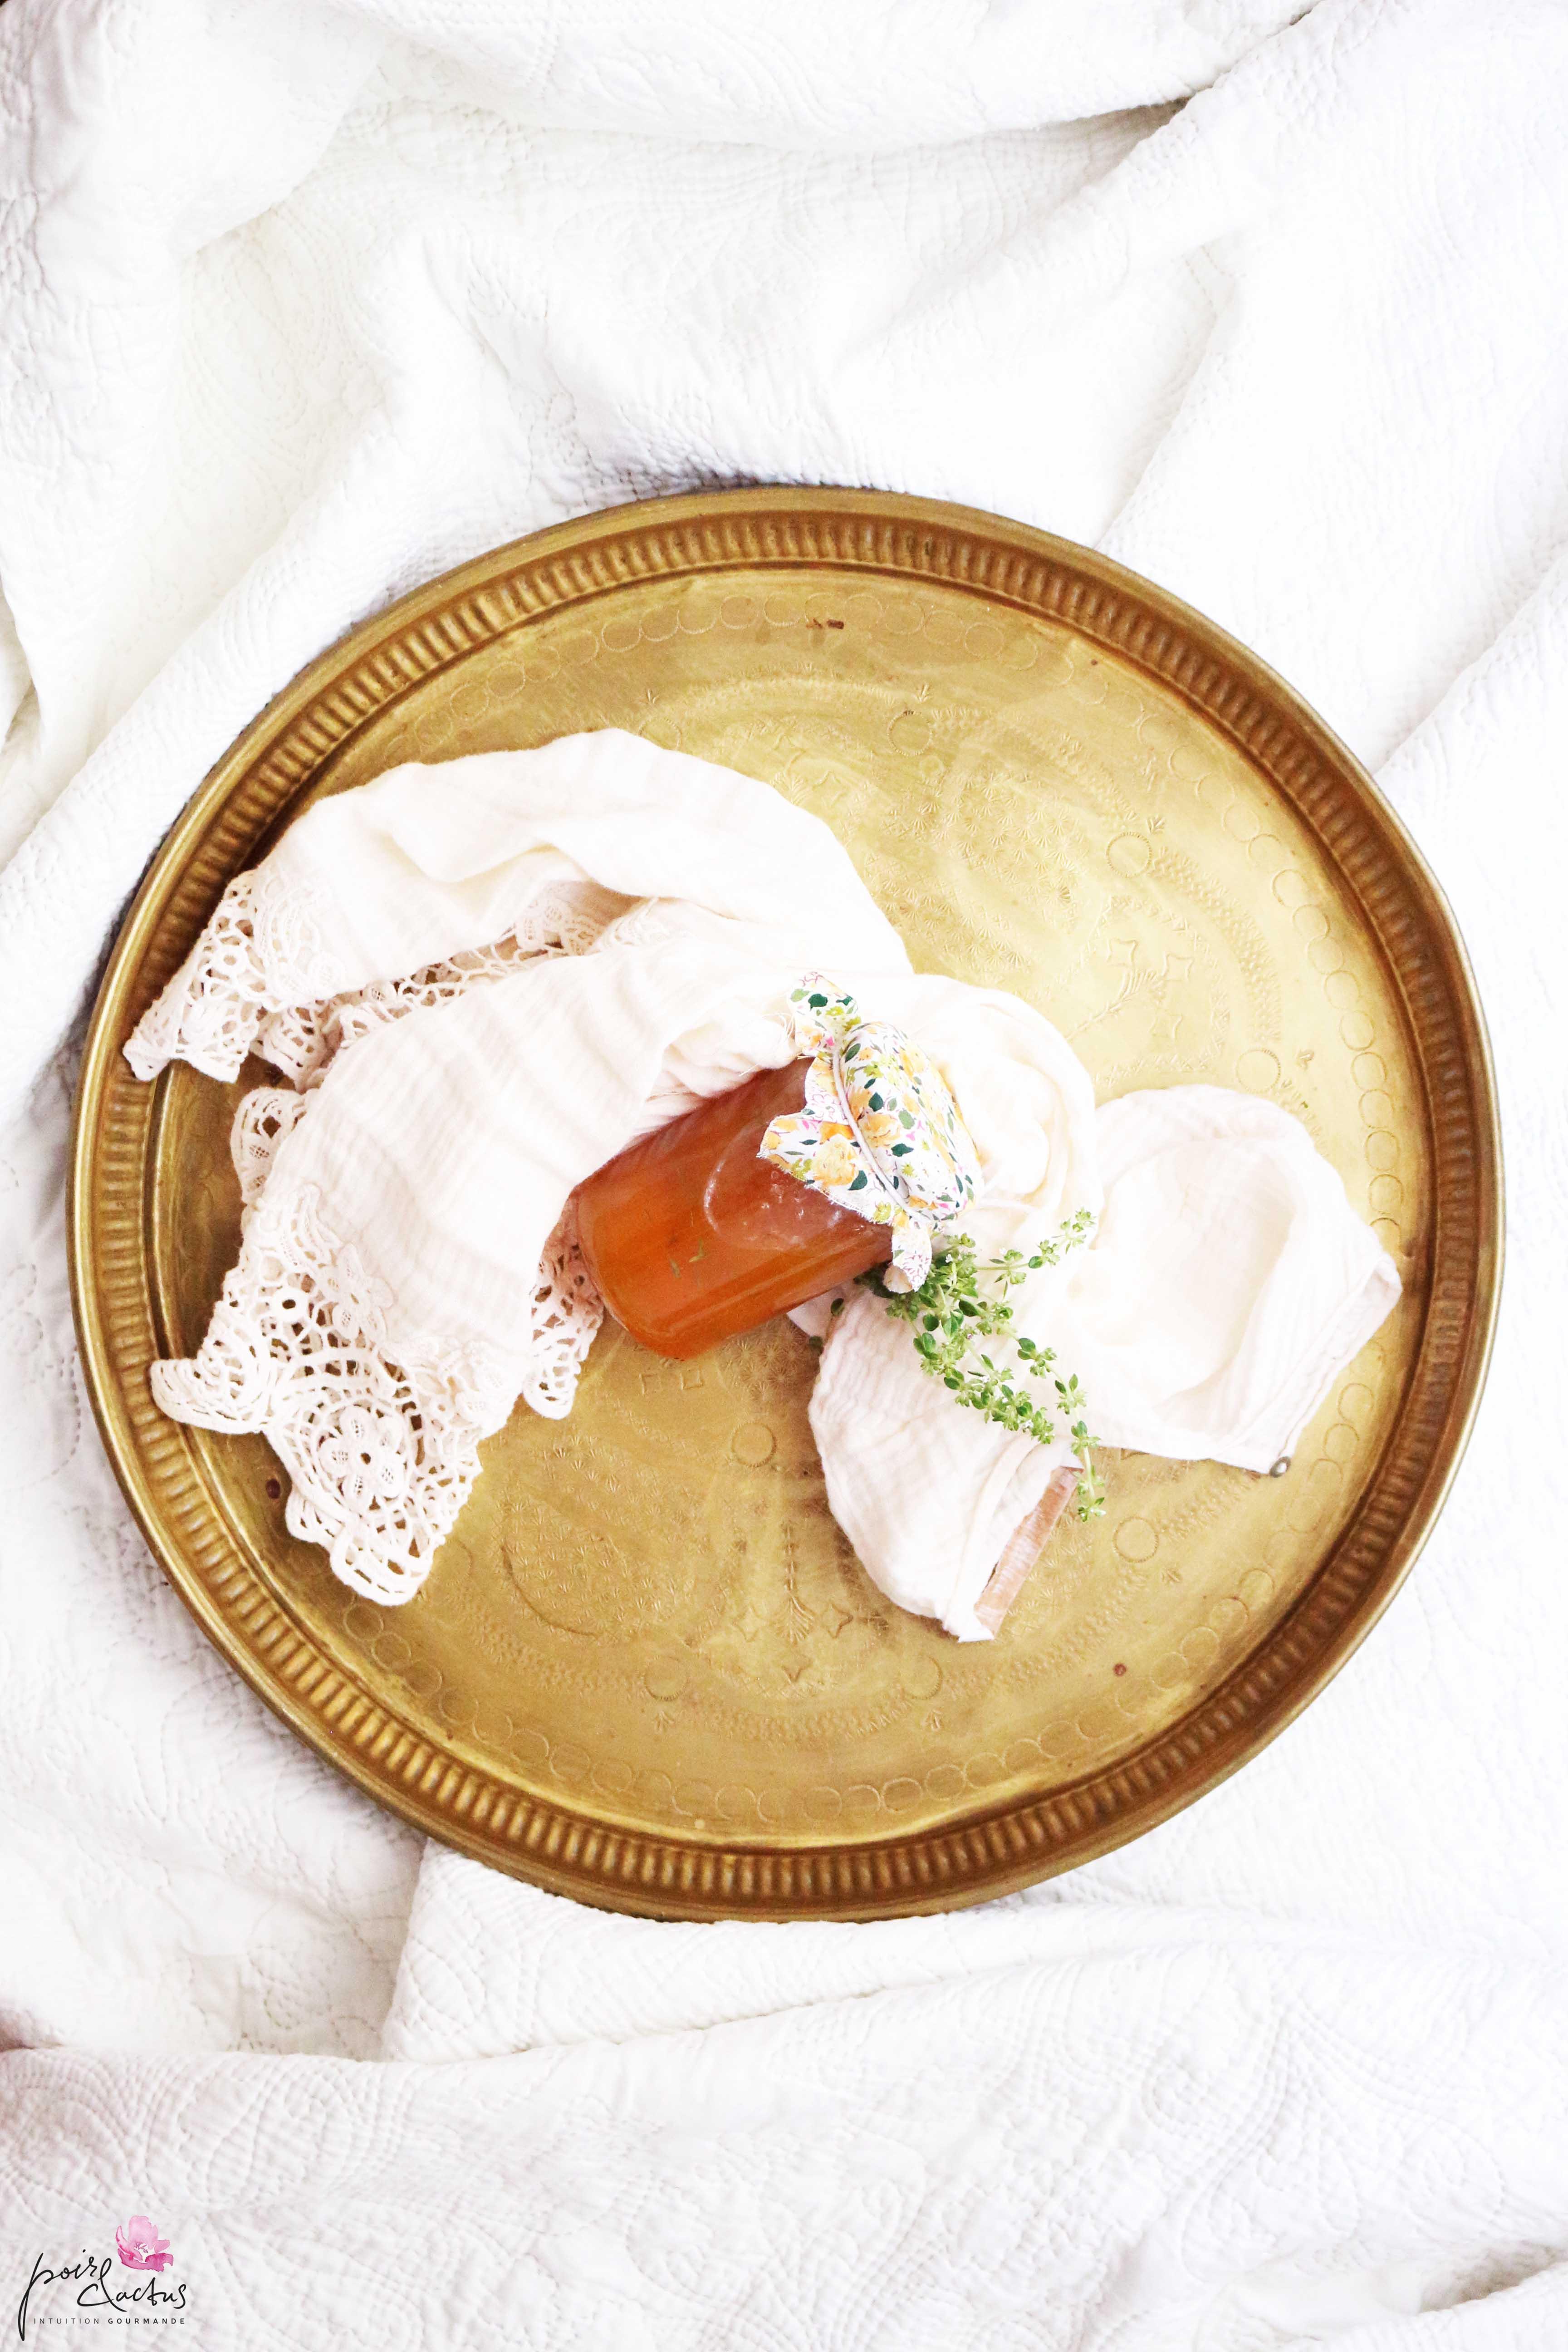 Recette confiture maison d 39 abricots thym et fleur d - Confiture d abricots maison ...